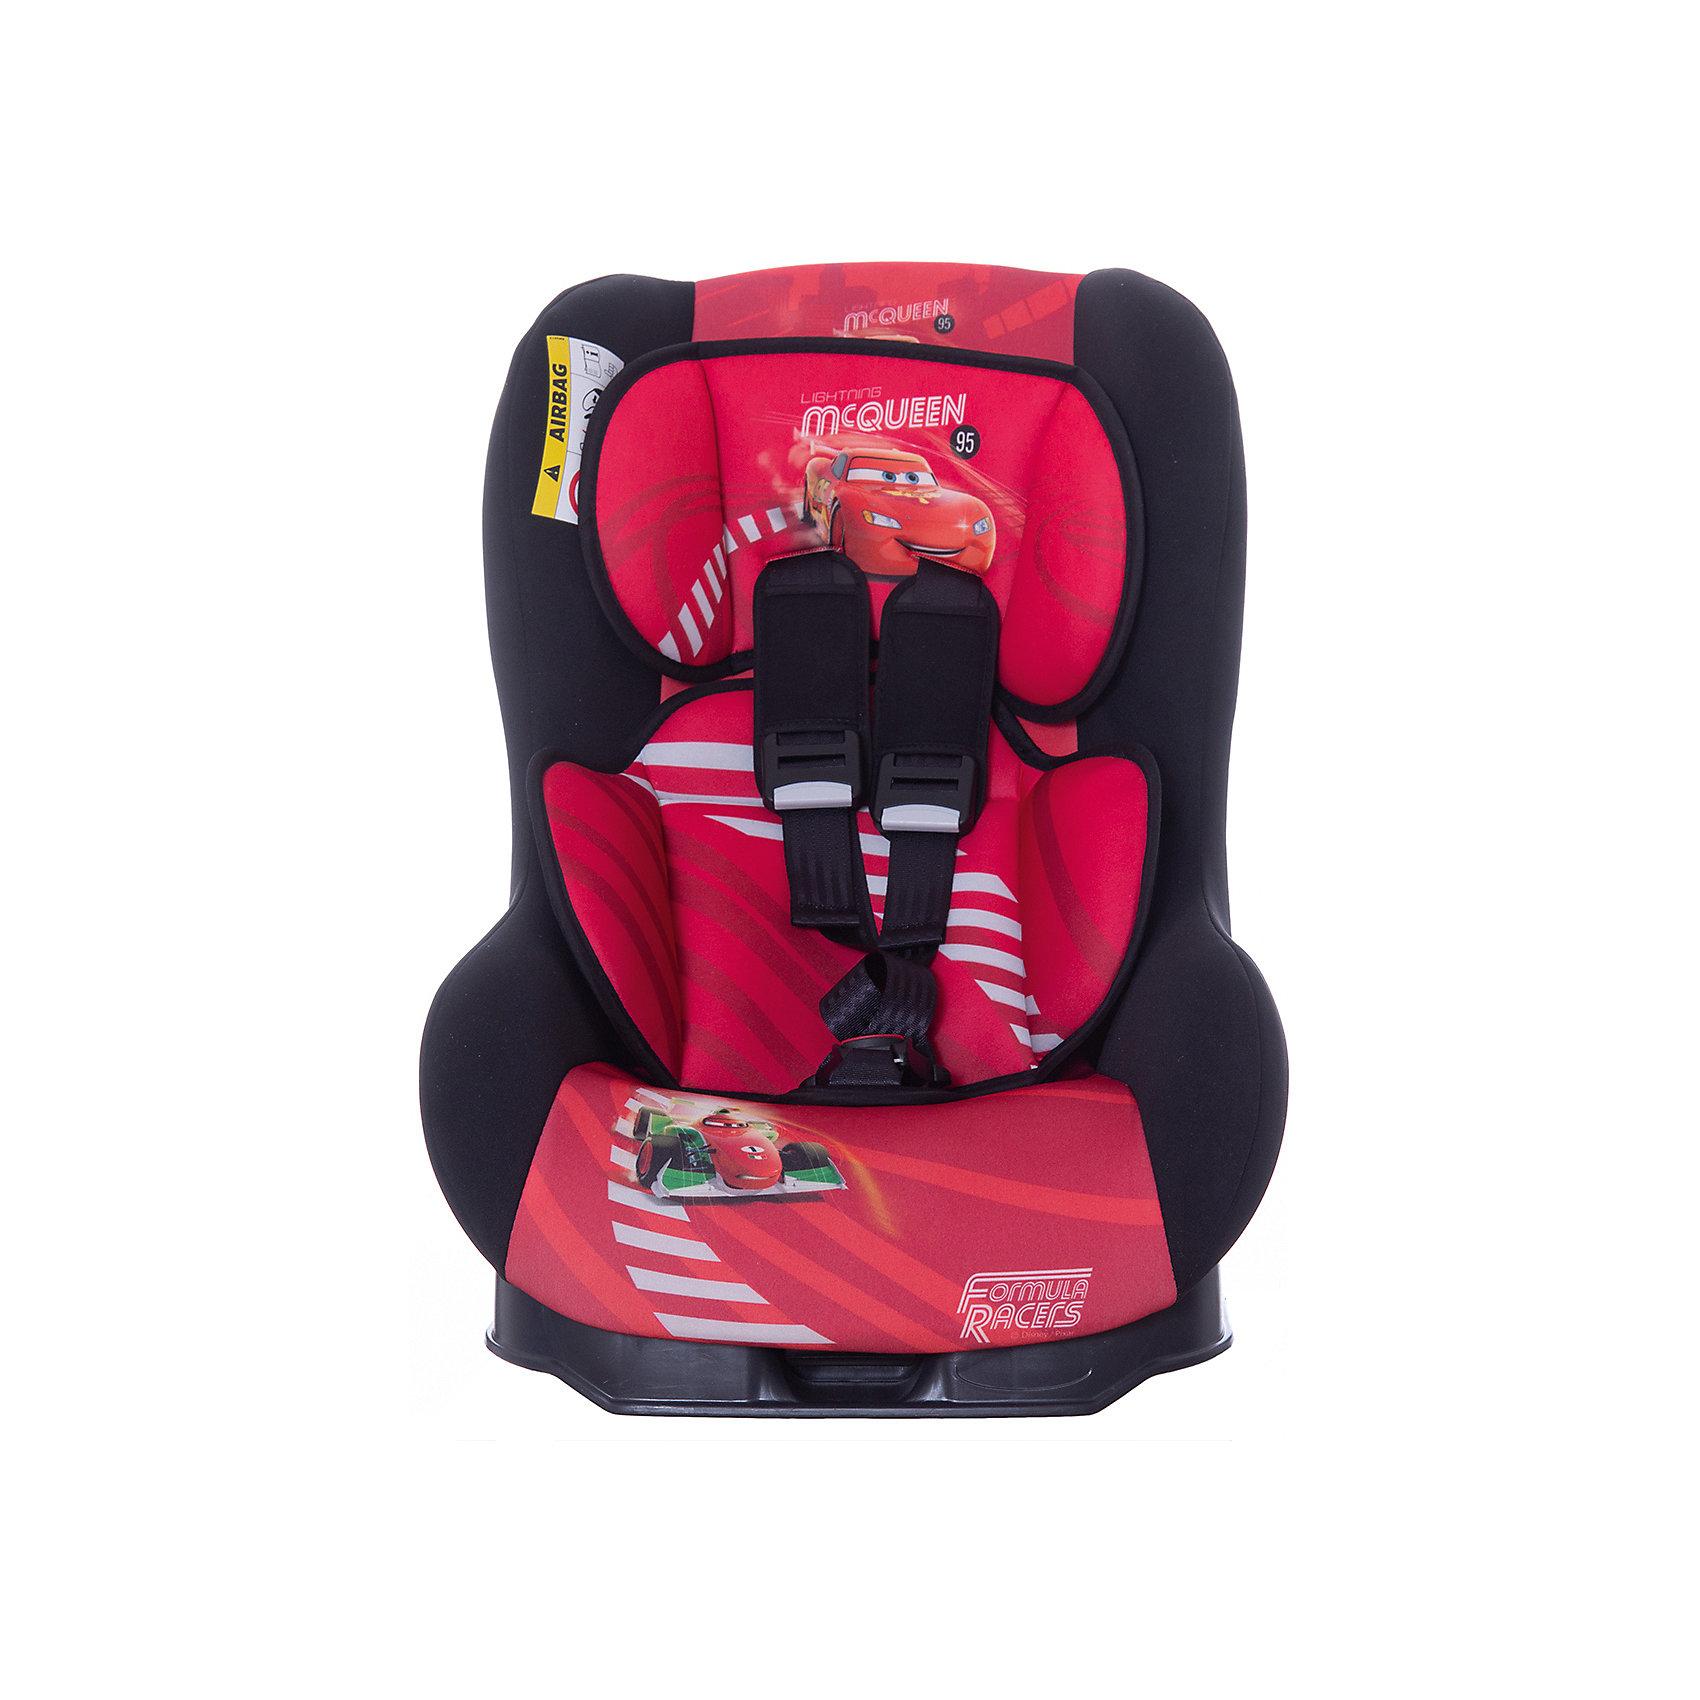 Автокресло Driver, 0-18 кг., Nania, cars DisneyХарактеристики автокресла Nania Driver:<br><br>• группа 0-1;<br>• вес ребенка: до 18 кг;<br>• возраст ребенка: от рождения до 4-х лет;<br>• способ установки: по ходу и против хода движения автомобиля;<br>• способ крепления: штатными ремнями безопасности автомобиля;<br>• 5-ти точечные ремни безопасности с мягкими накладками, регулируются по длине и высоте;<br>• регулируемый угол наклона спинки: 5 положений;<br>• анатомический вкладыш для новорожденного, подголовник;<br>• дополнительная защита от боковых ударов;<br>• съемные чехлы, стирка при температуре 30 градусов;<br>• материал: пластик, полиэстер;<br>• стандарт безопасности: ЕСЕ R44/03.<br><br>Размер автокресла: 48х44х59 см<br>Размер сиденья: 30x28 см<br>Высота спинки: 49 см<br>Вес автокресла: 6,7 кг<br>Вес в упаковке: 7 кг<br><br>Обезопасить ребенка во время поездок на машине помогает детское автокресло. Группа автокресел 0/1 используется, пока вес ребенка находится в пределах 18 кг. Регулируемый наклон спинки позволяет малышу выбрать подходящее положение и для сна, и для игр. Малыша пристегивают встроенными ремнями безопасности, которые регулируются по высоте и длине. Кресло устанавливается как по ходу движения, так и против хода движения автомобиля - зависит от возраста ребенка. <br><br>Автокресло Driver, 0-18 кг., Nania, cars Disney можно купить в нашем интернет-магазине.<br><br>Ширина мм: 600<br>Глубина мм: 460<br>Высота мм: 520<br>Вес г: 12490<br>Возраст от месяцев: 0<br>Возраст до месяцев: 48<br>Пол: Мужской<br>Возраст: Детский<br>SKU: 5287298